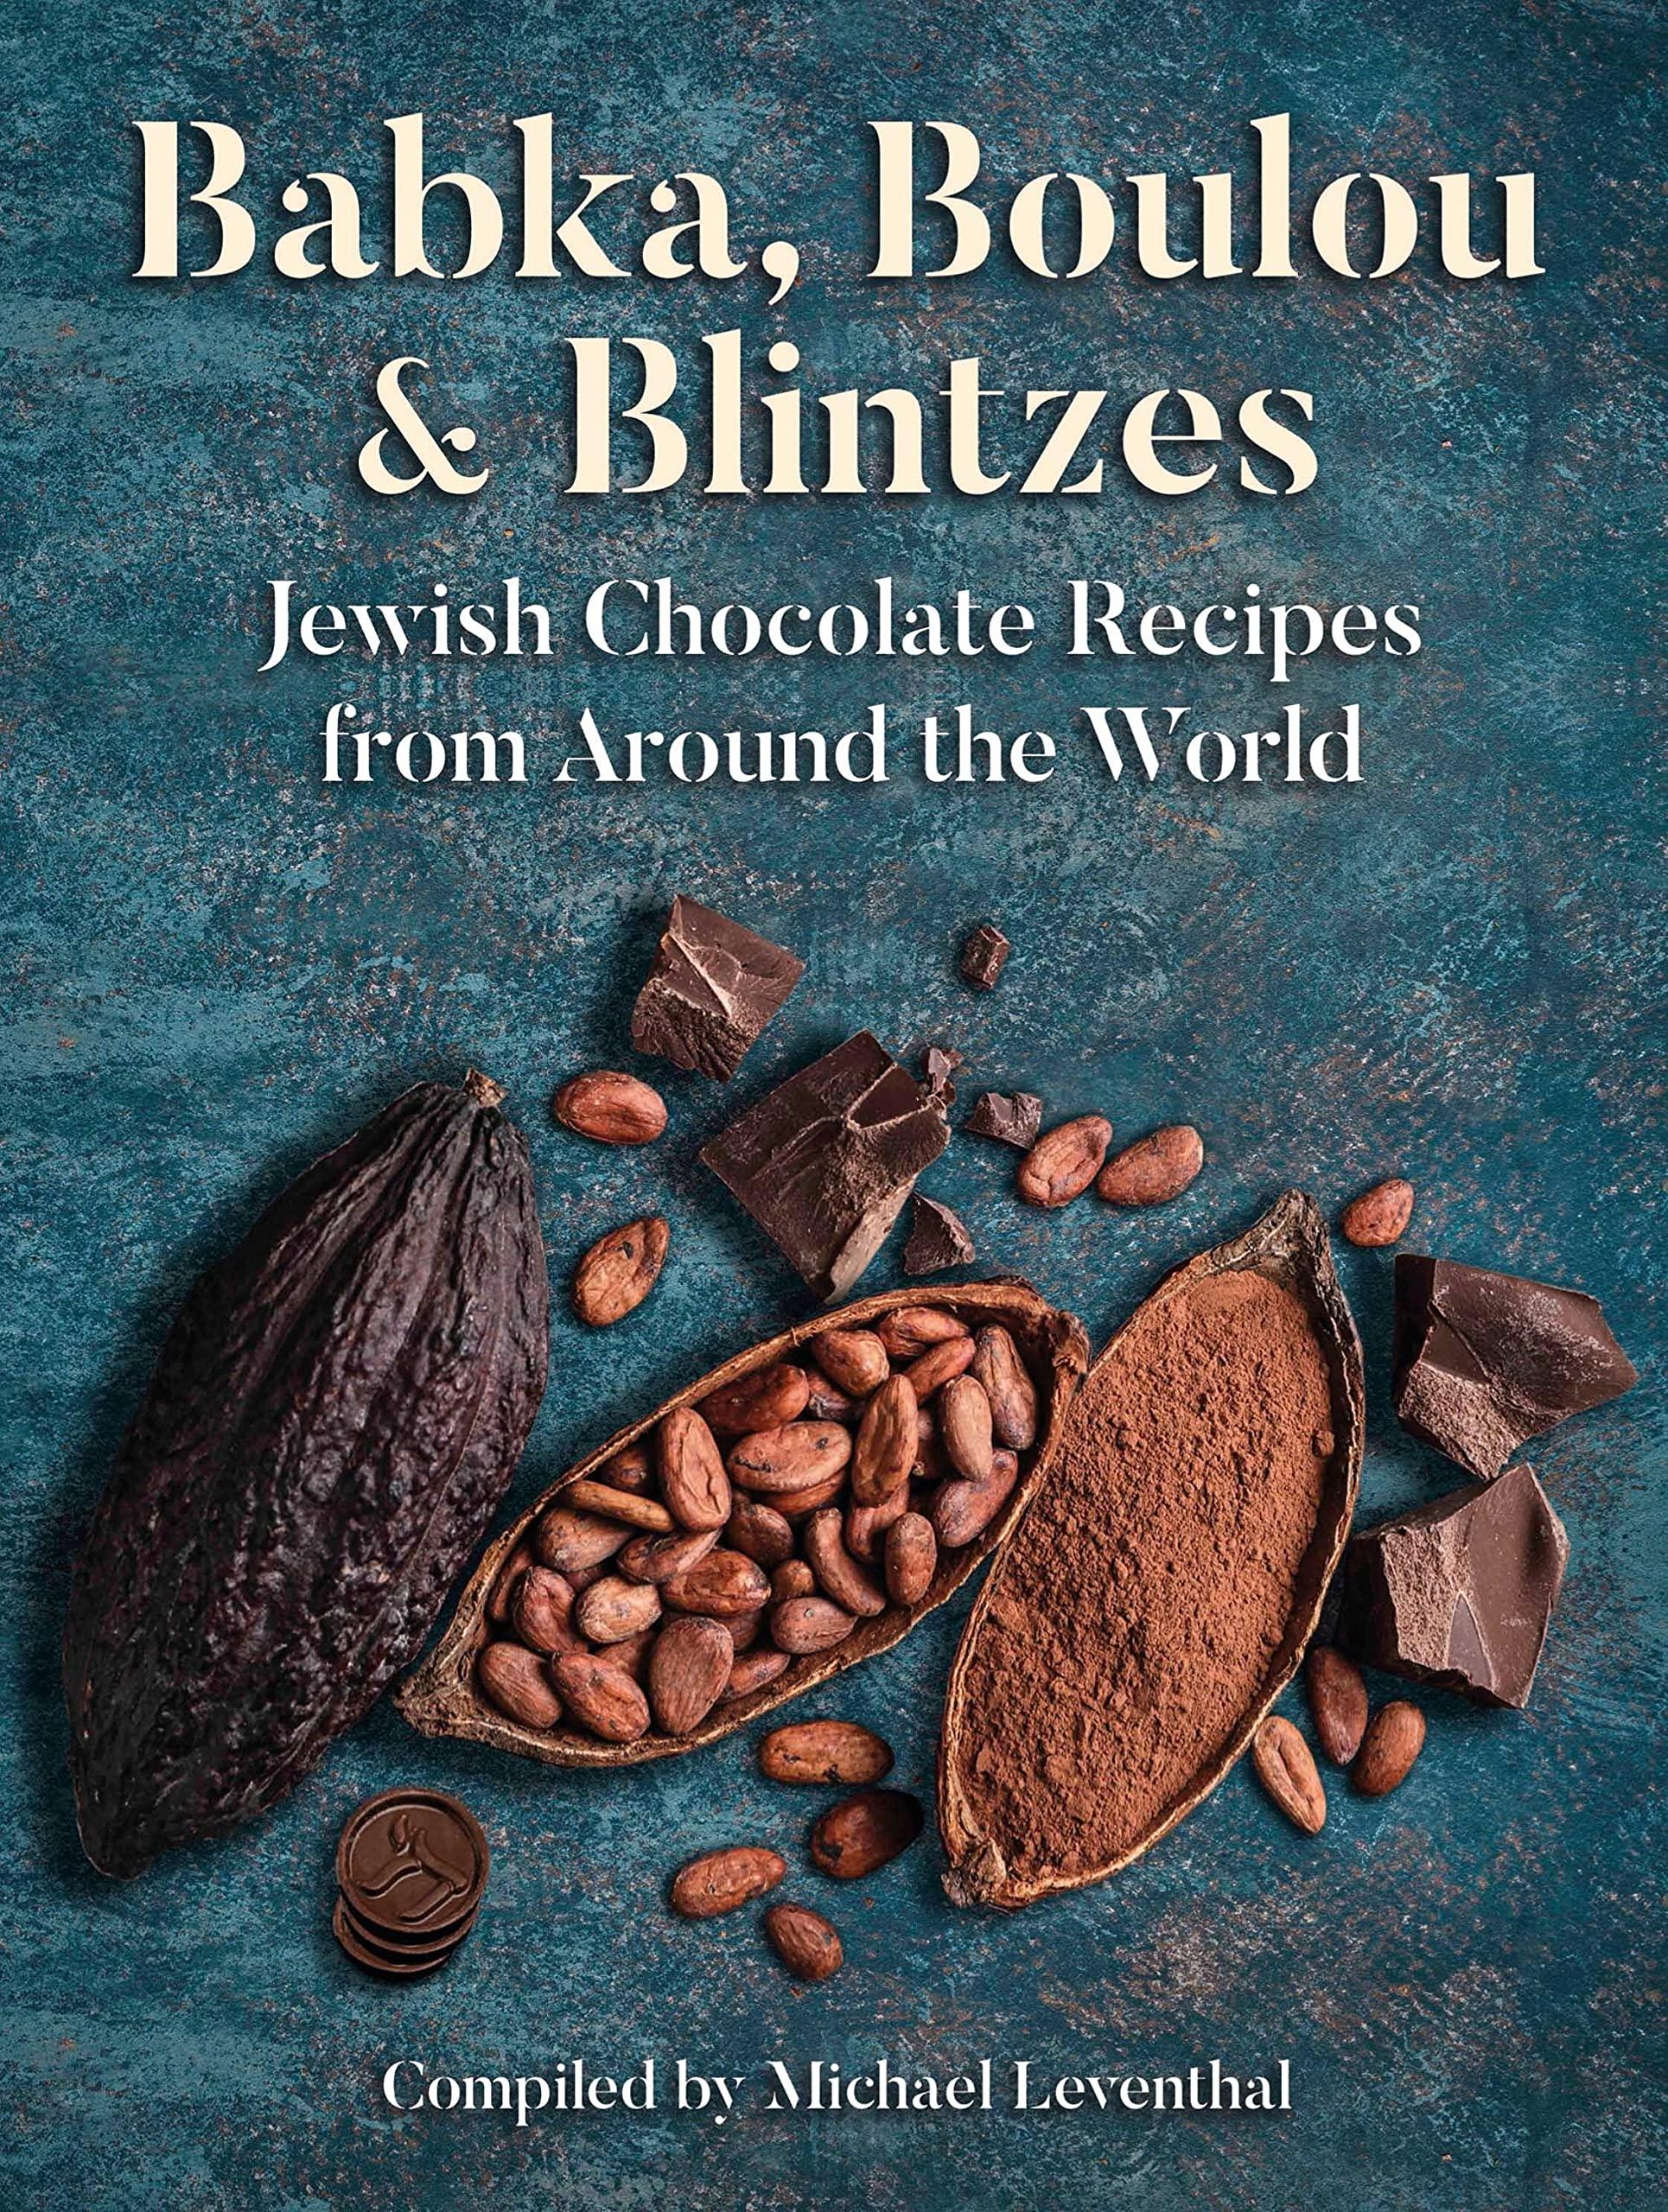 Babka, Boulou & Blintzes: Jewish Chocolate Recipes from Around the World